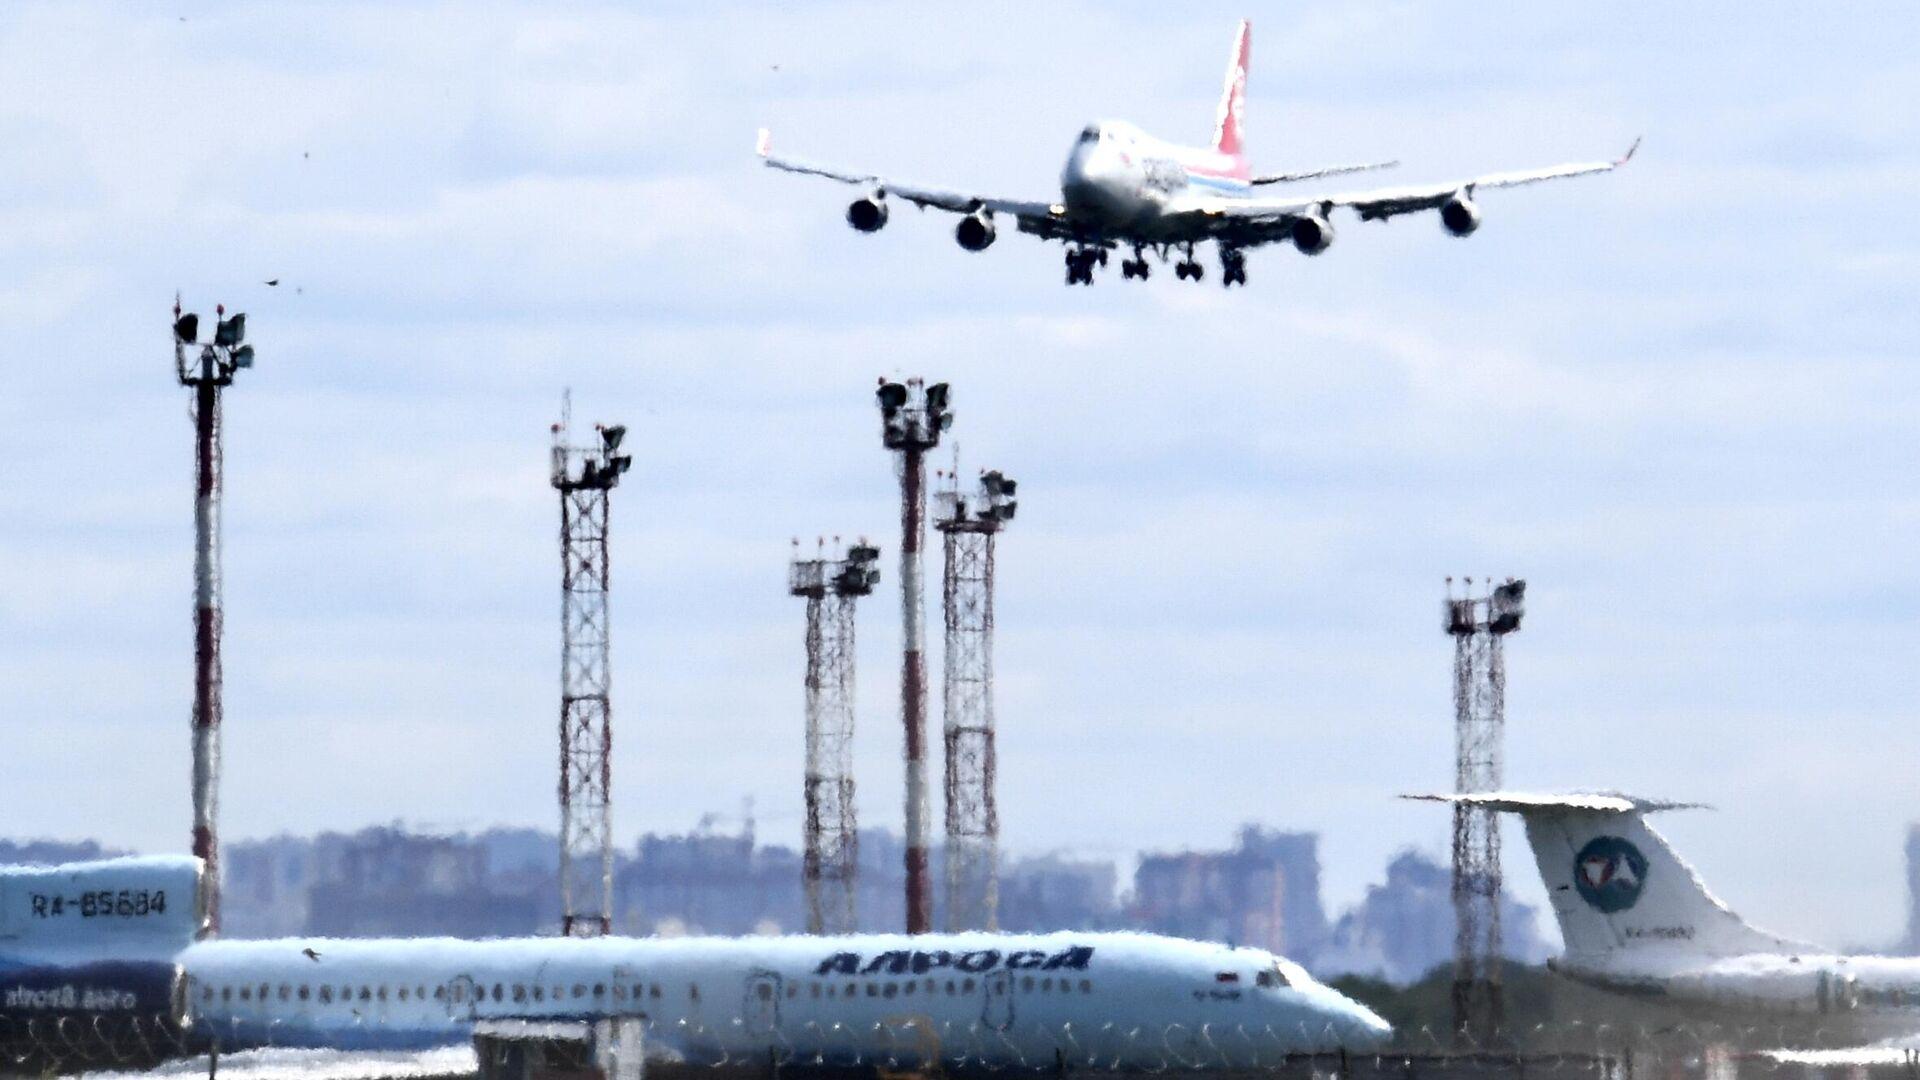 Боинг-737 авиакомпании Cargolux во время посадки в аэропорту Толмачево в Новосибирске - РИА Новости, 1920, 11.08.2020